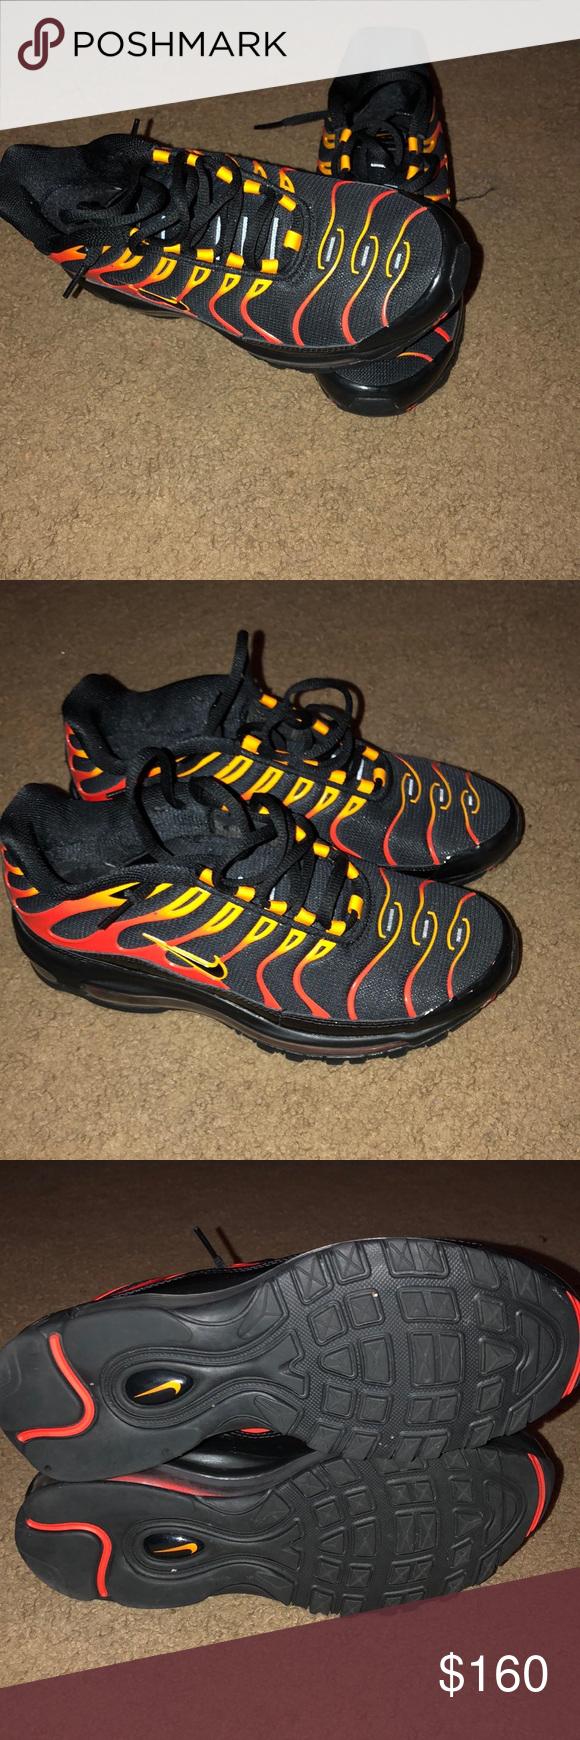 4283e7e591 NIKE air max plus Nike Air Max Plus - Mens Shoes Black/Pimento/Bright